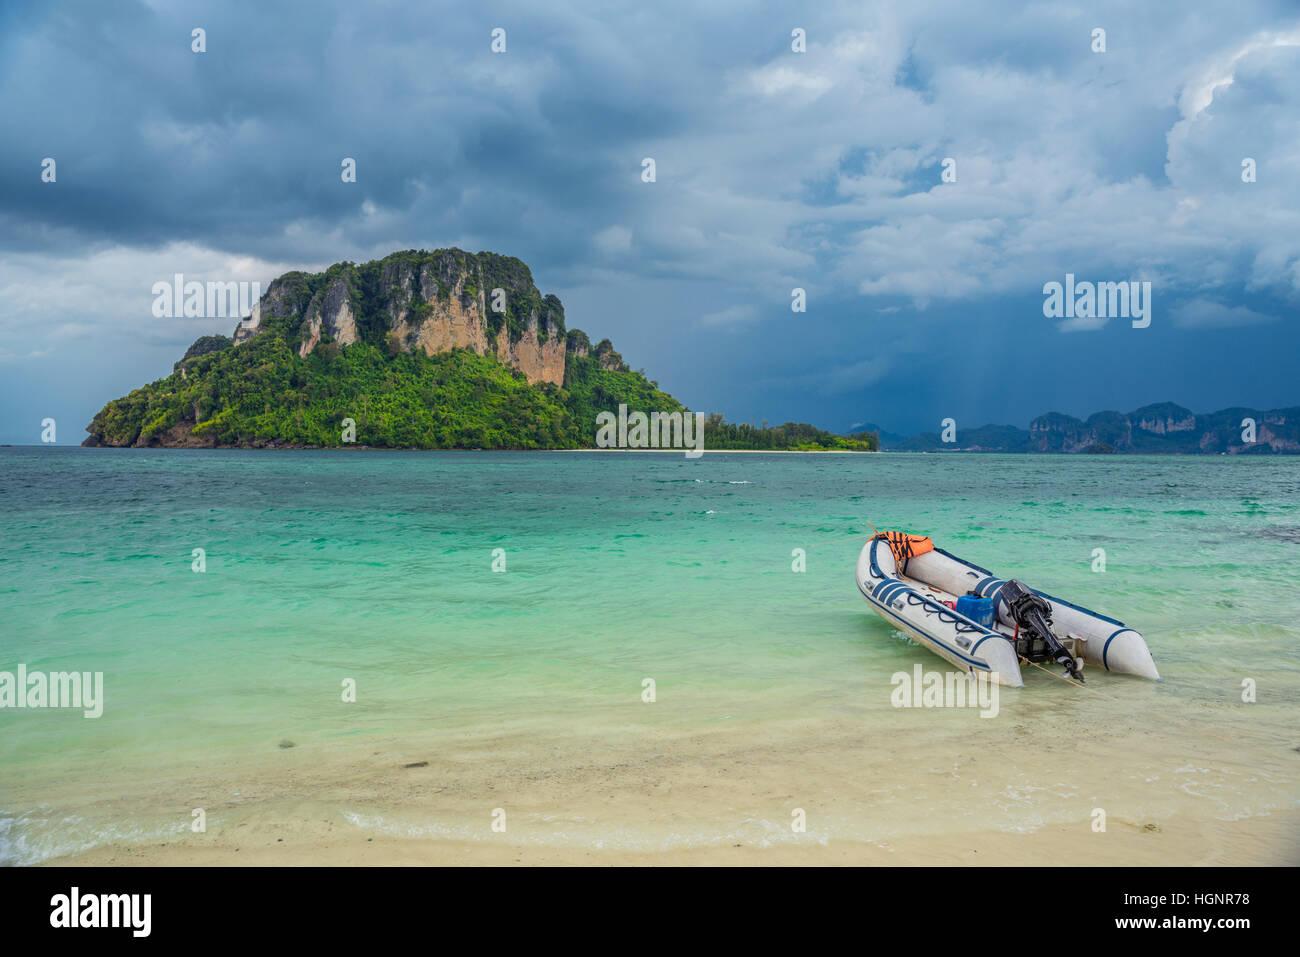 Navire à moteur gratuit sur plage avec ciel tempête sur la mer Photo Stock